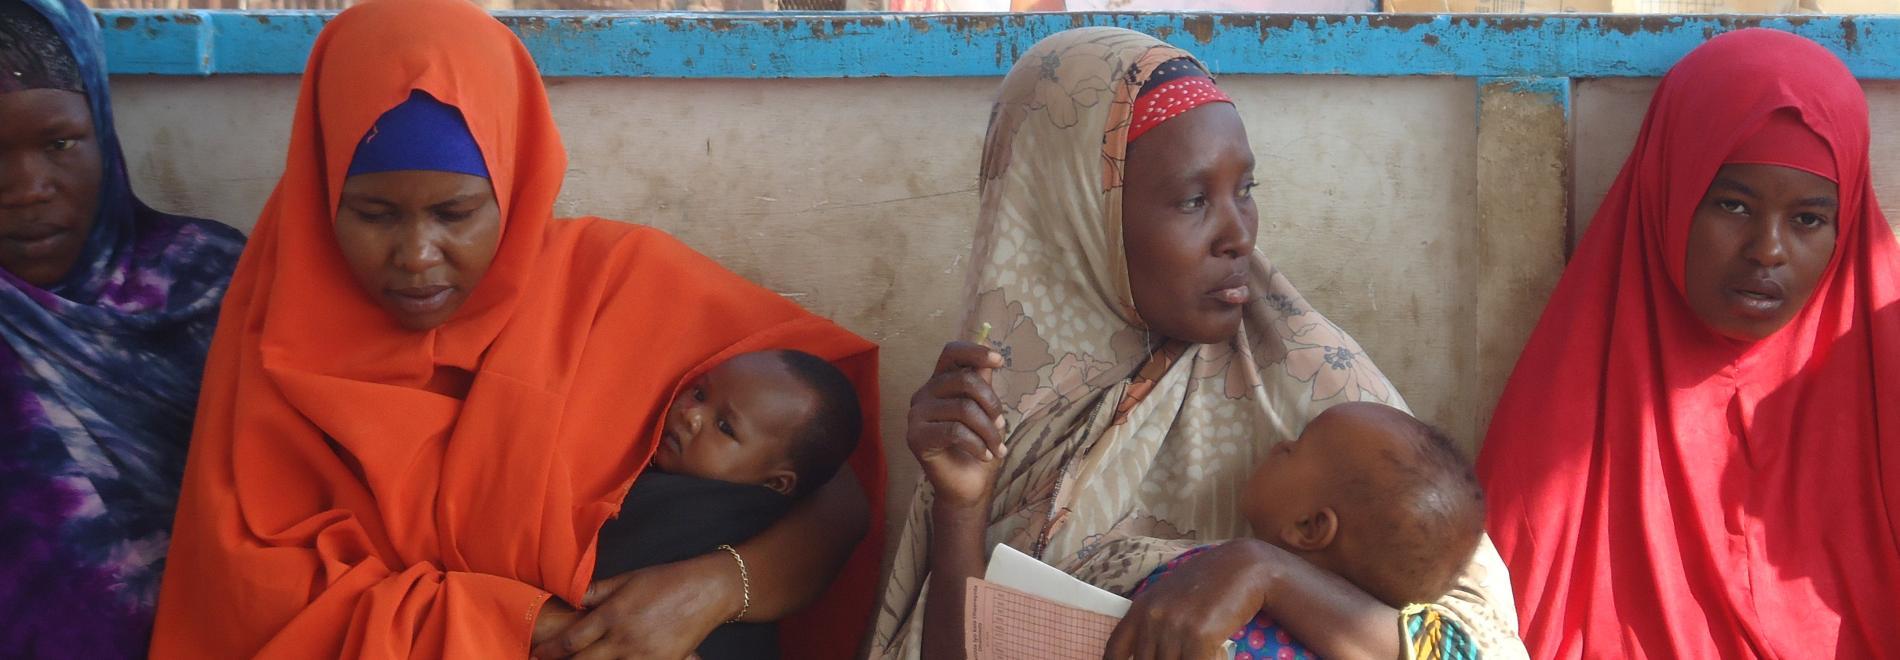 Somalische Mütter mit ihren Kindern.